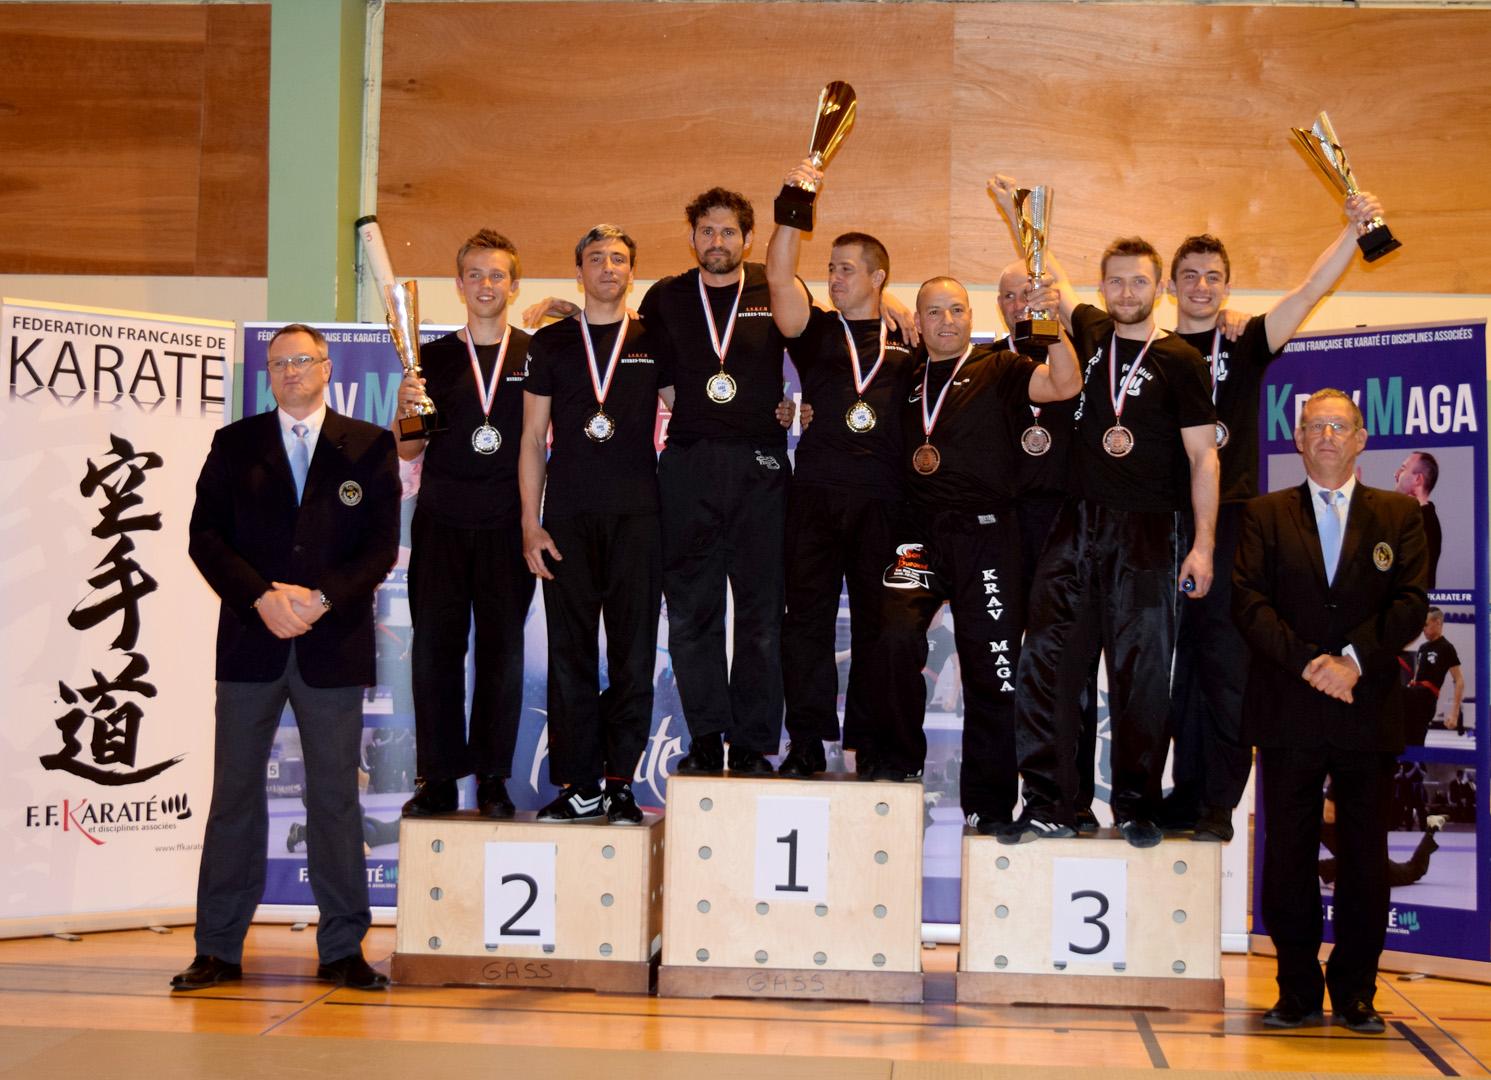 Podium IV Mistrzostw Francji Krav Maga 2016, Robert Budny WSSW Polska